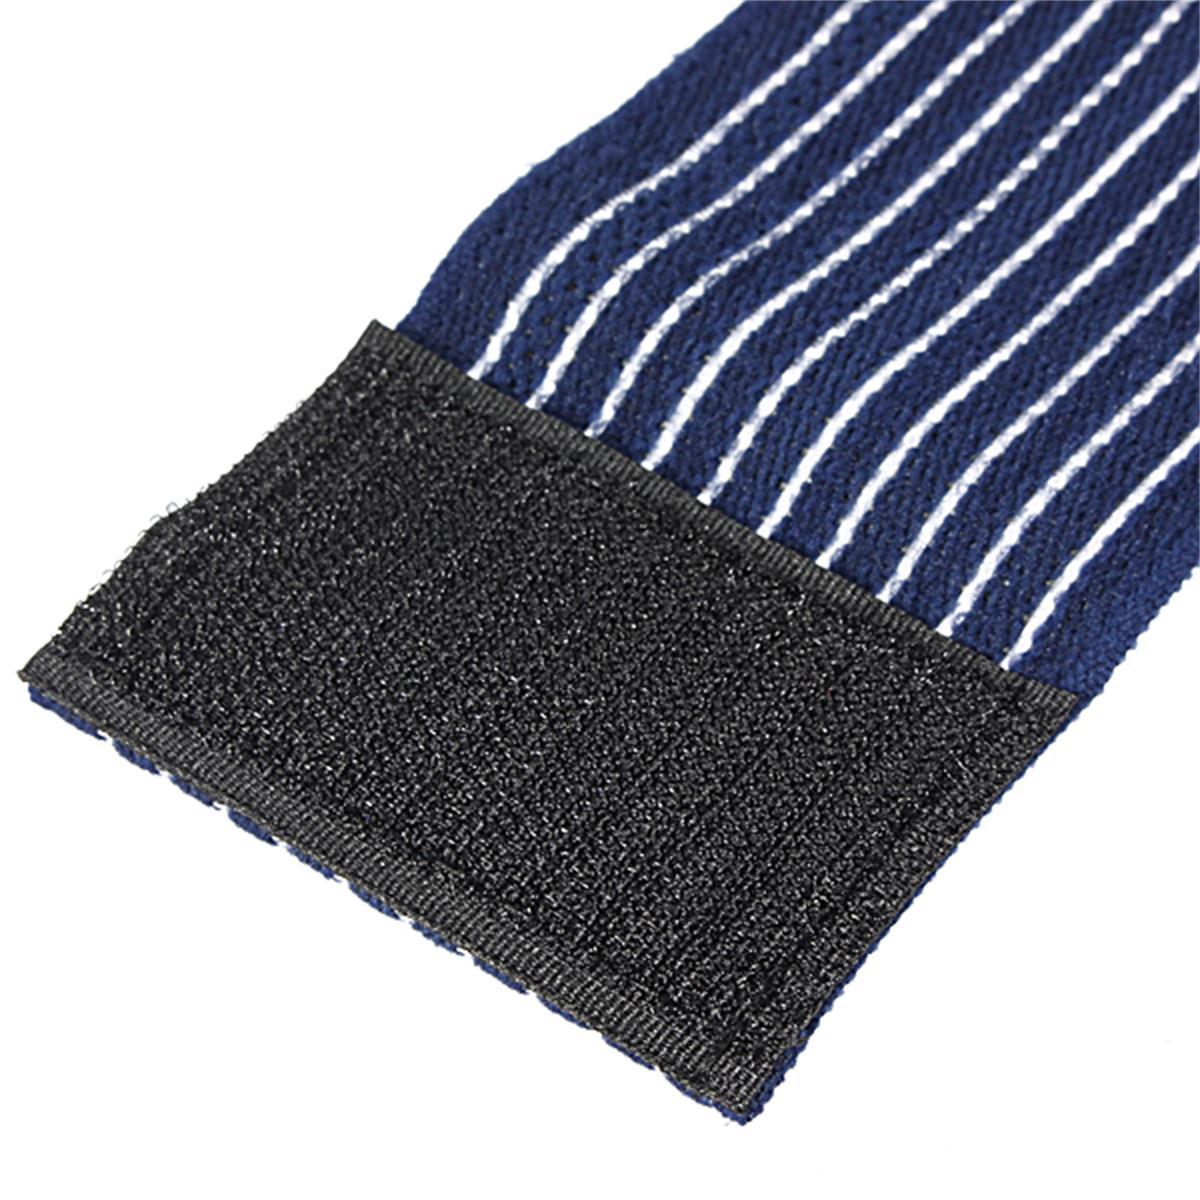 Handgelenkbandage Zughilfe Fußgelenkbandage Handschuhe Fußbandage Knöchelbandage